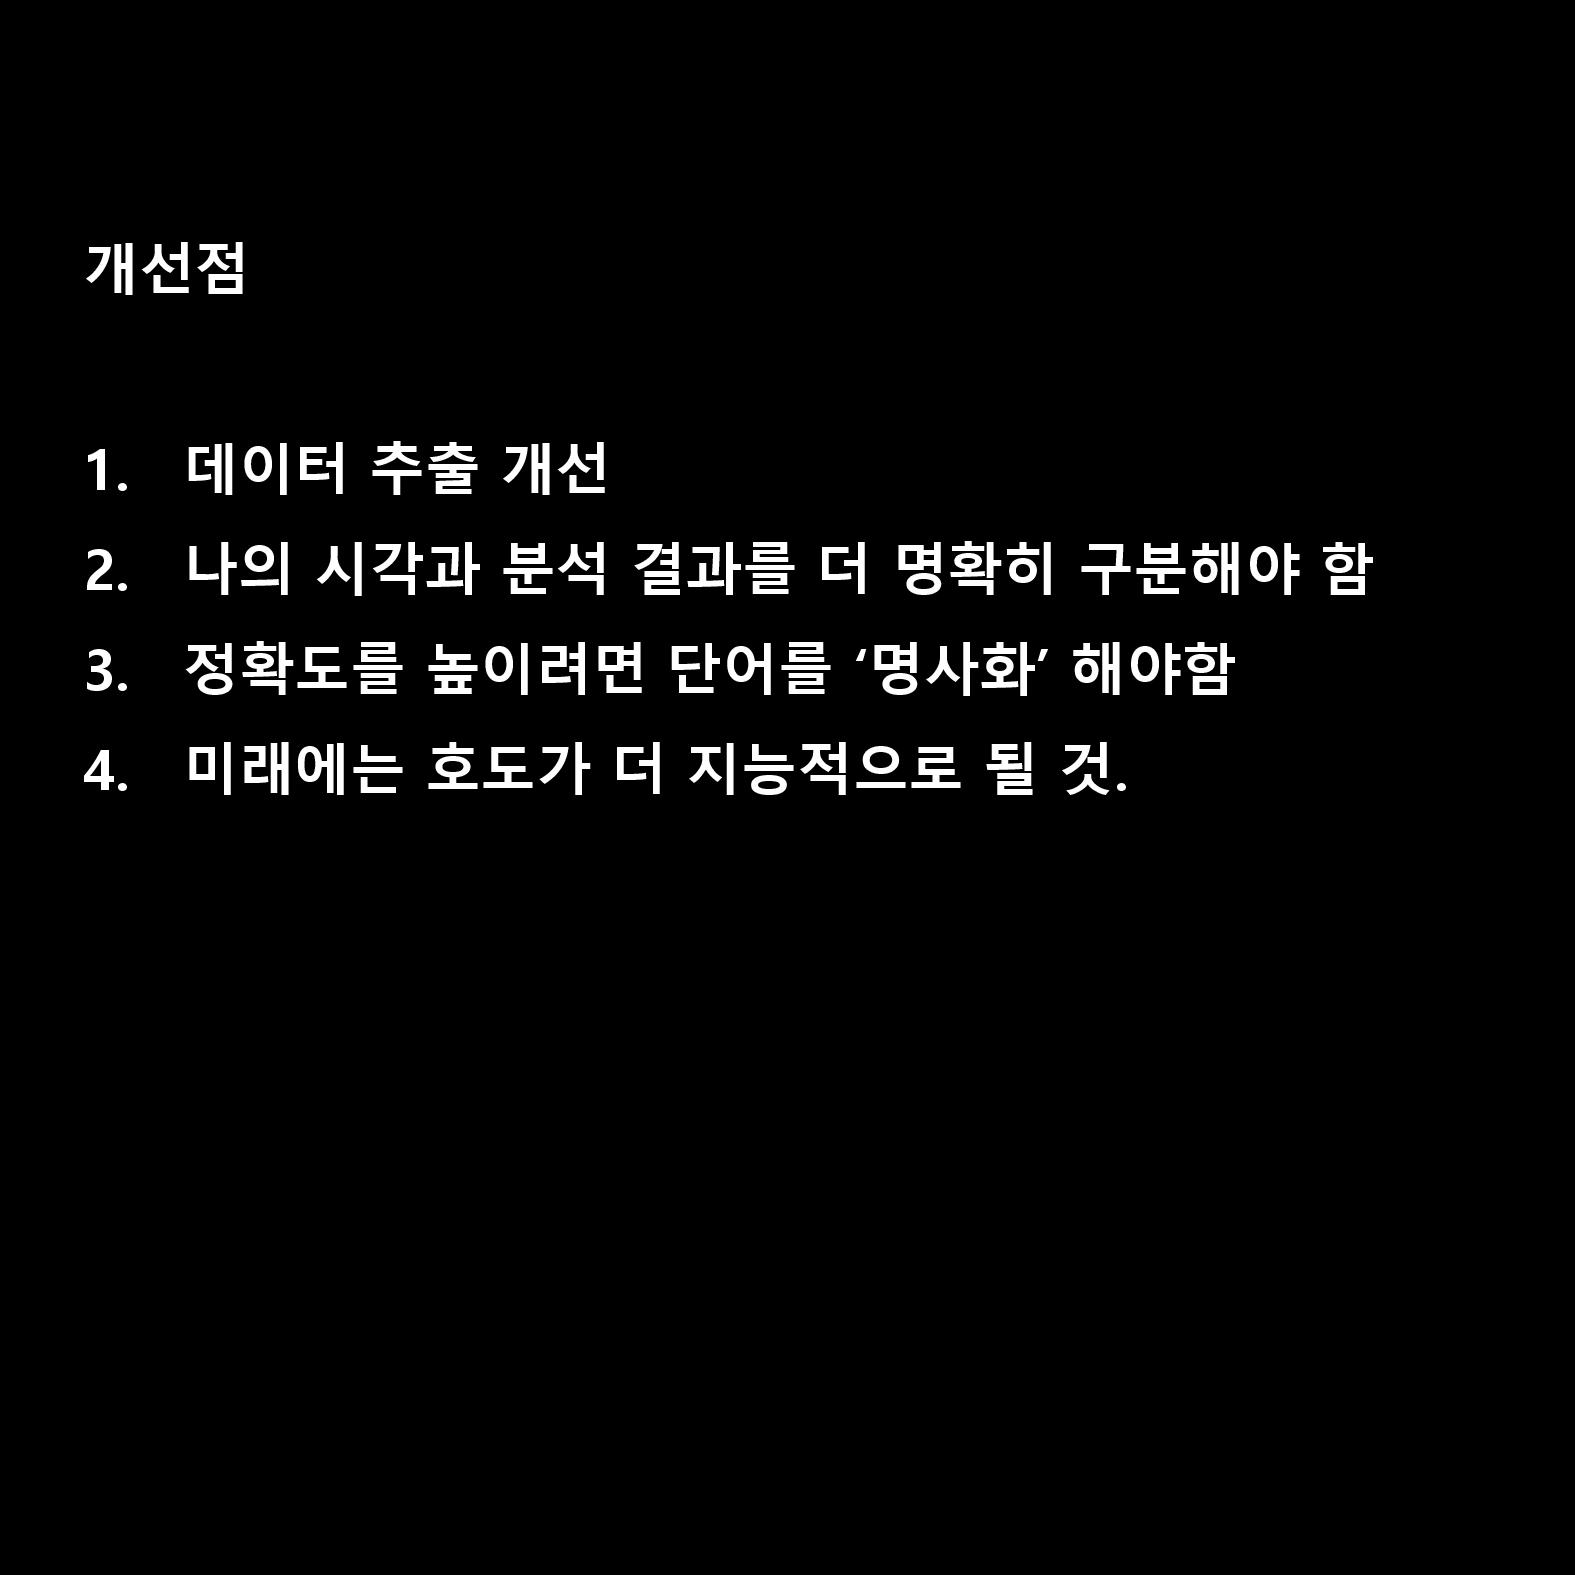 세월호댓글43